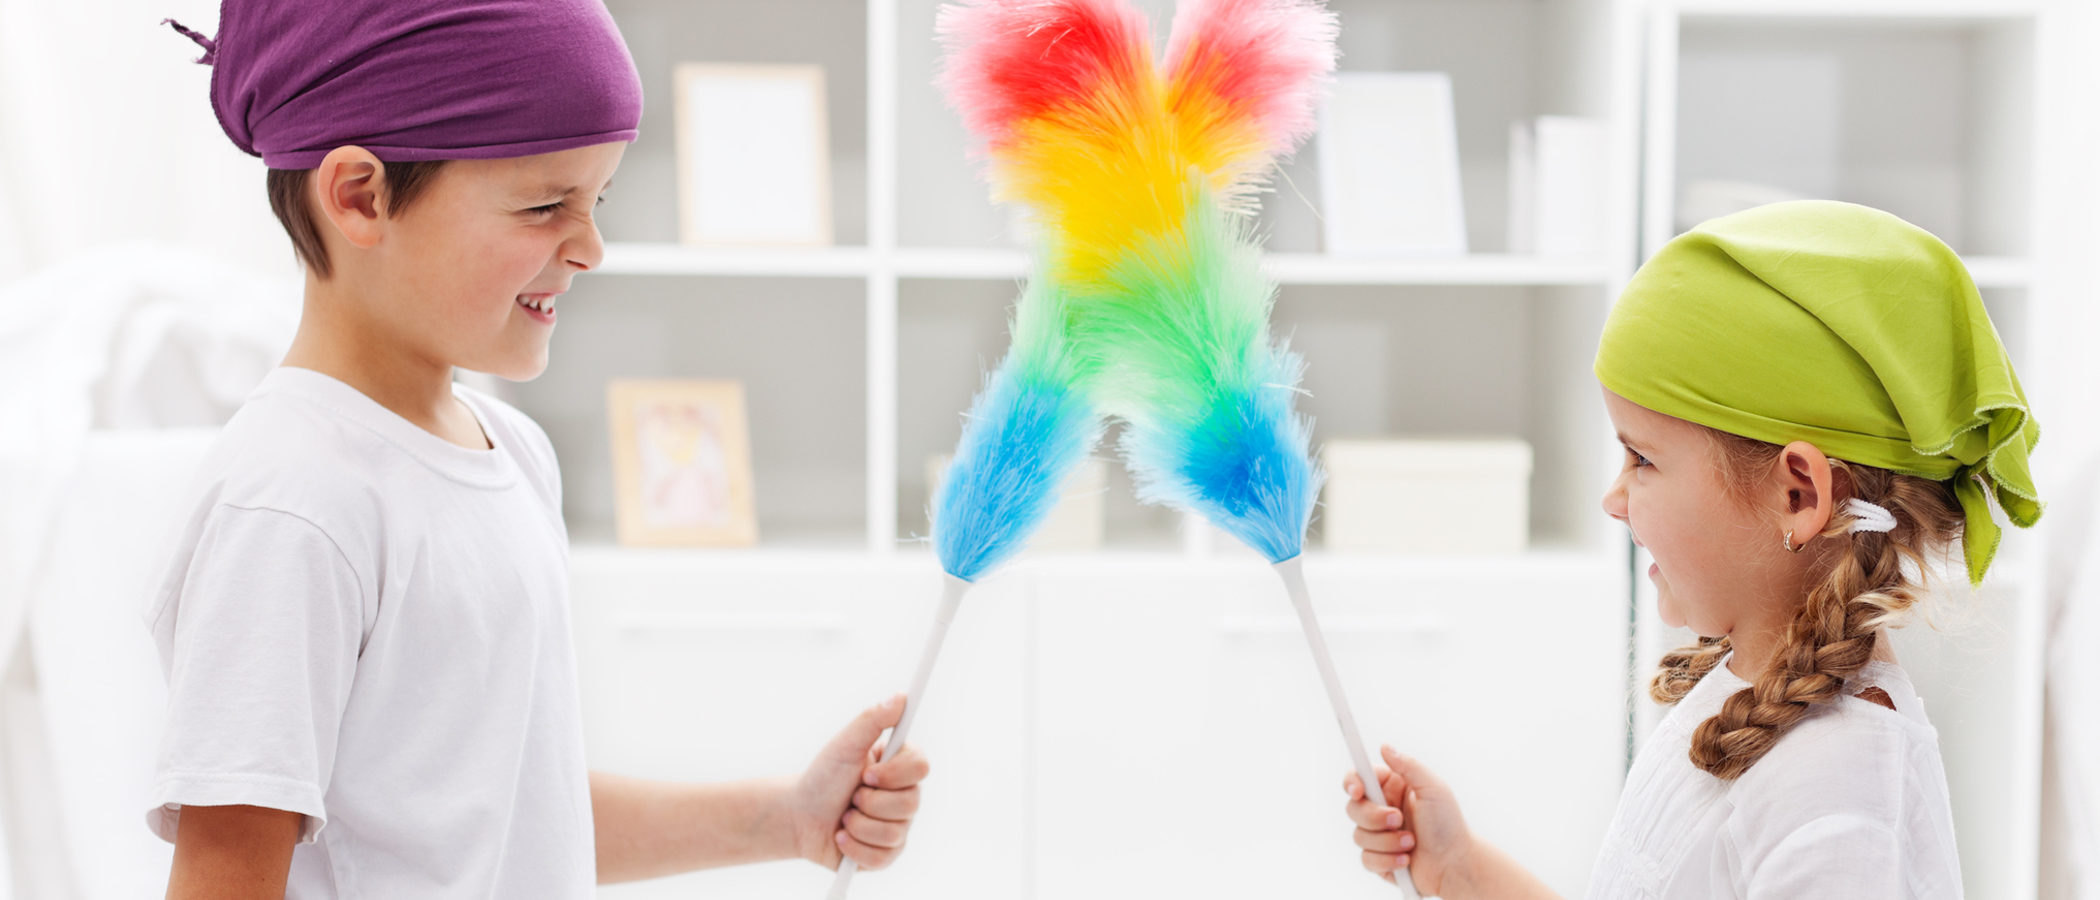 ¿Es bueno que los niños colaboren en las tareas domésticas?